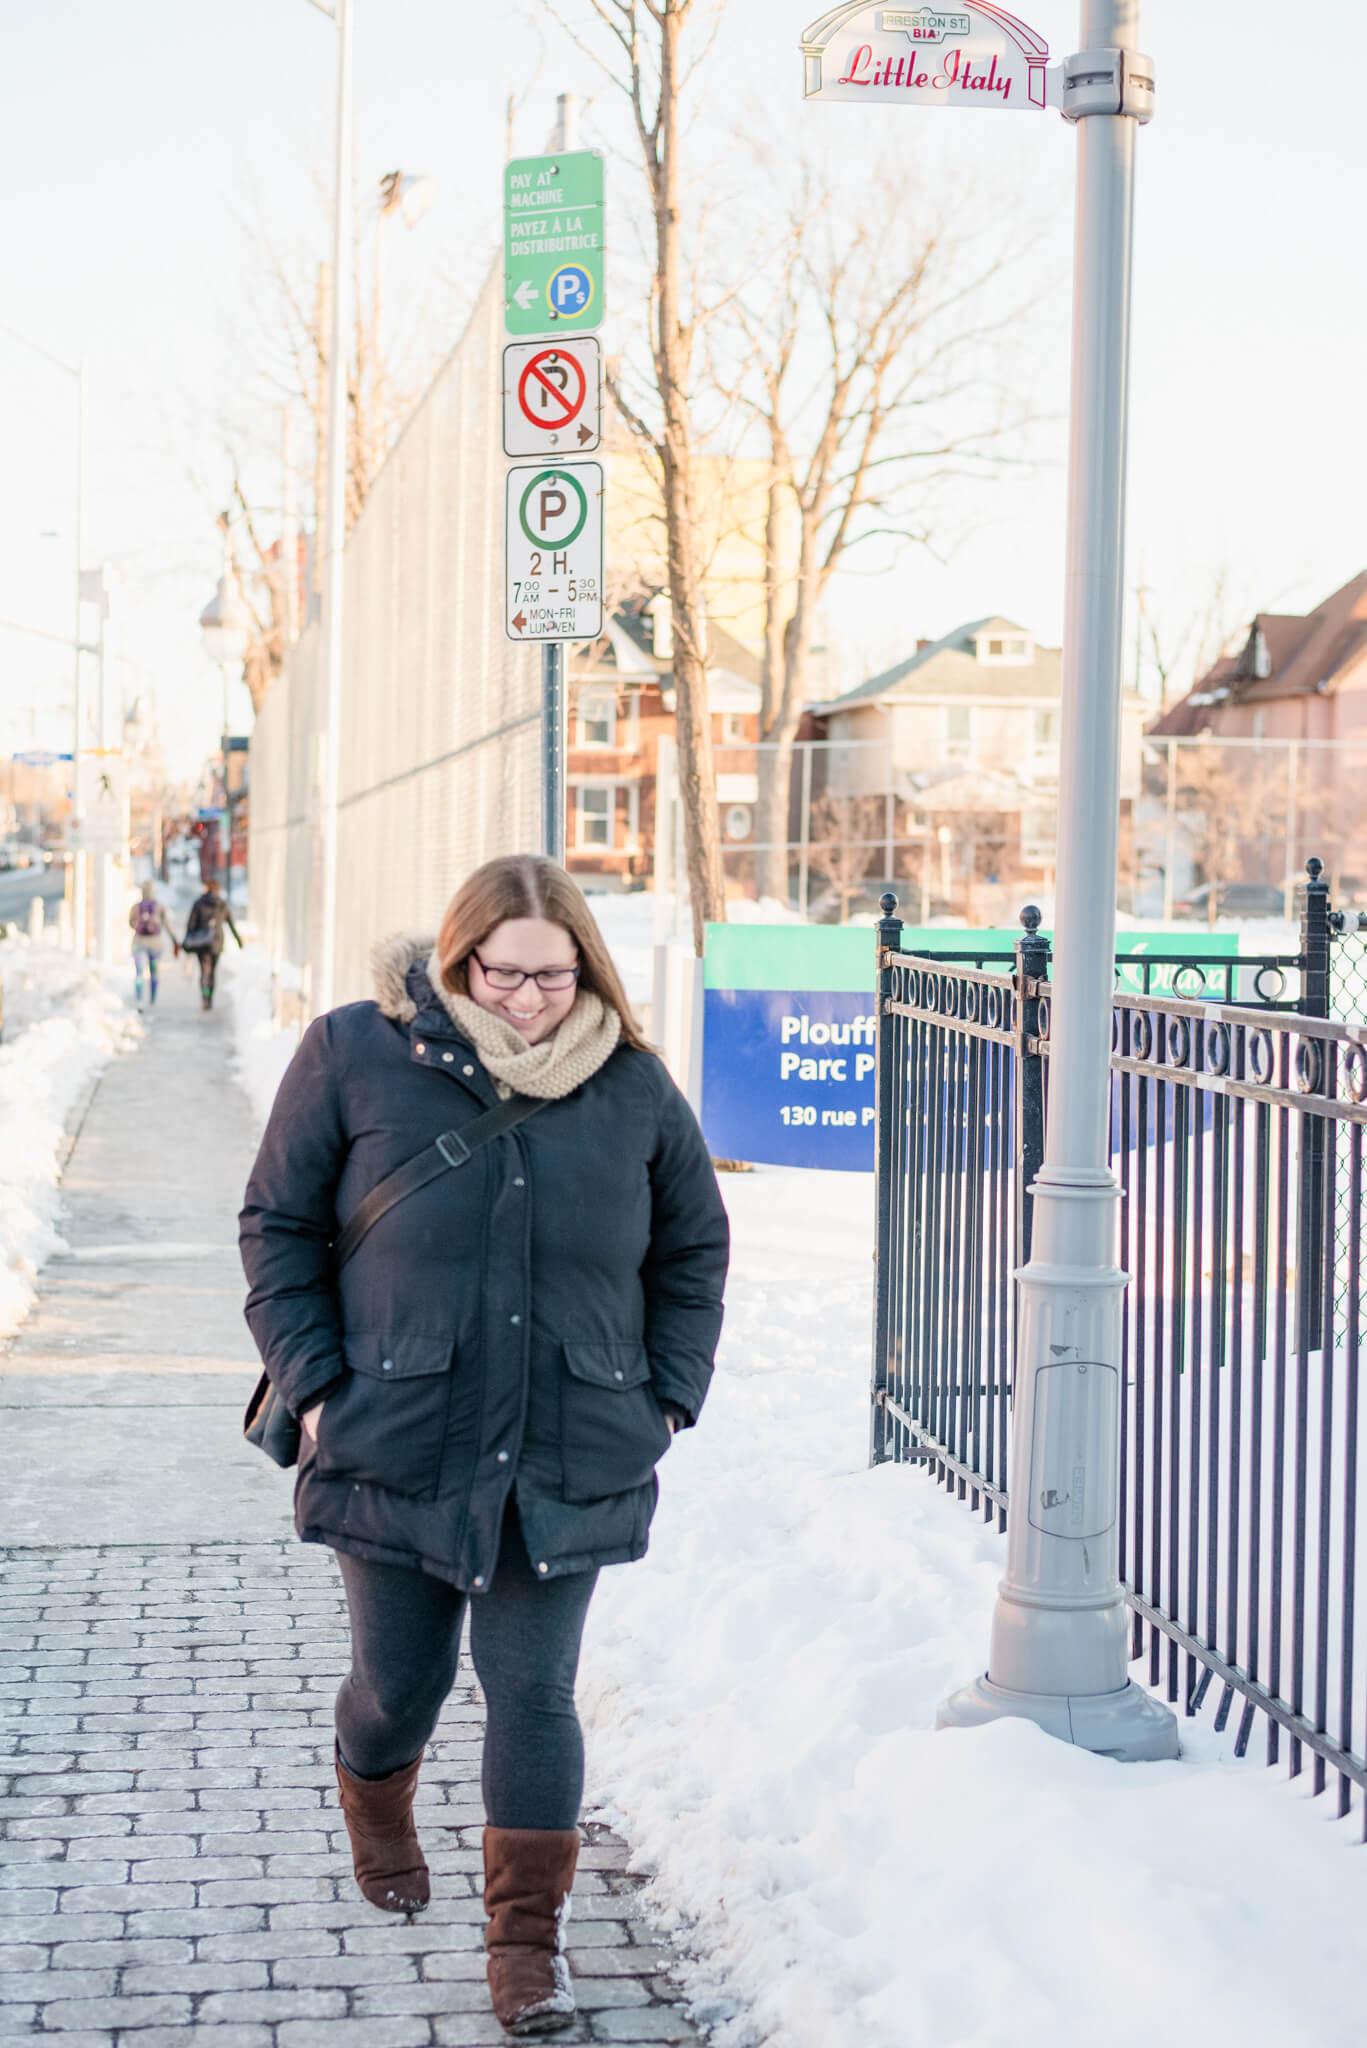 Woman walking down the street in winter